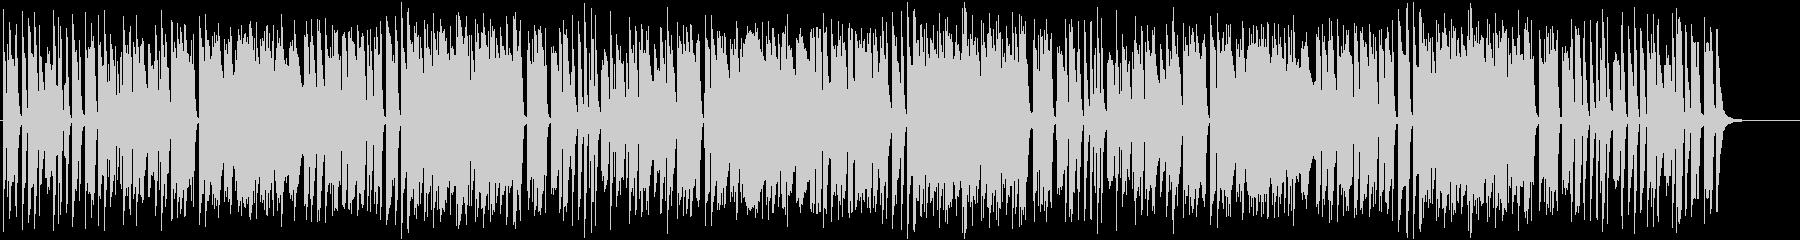 インパクトあるメロディがおもしろいピアノの未再生の波形